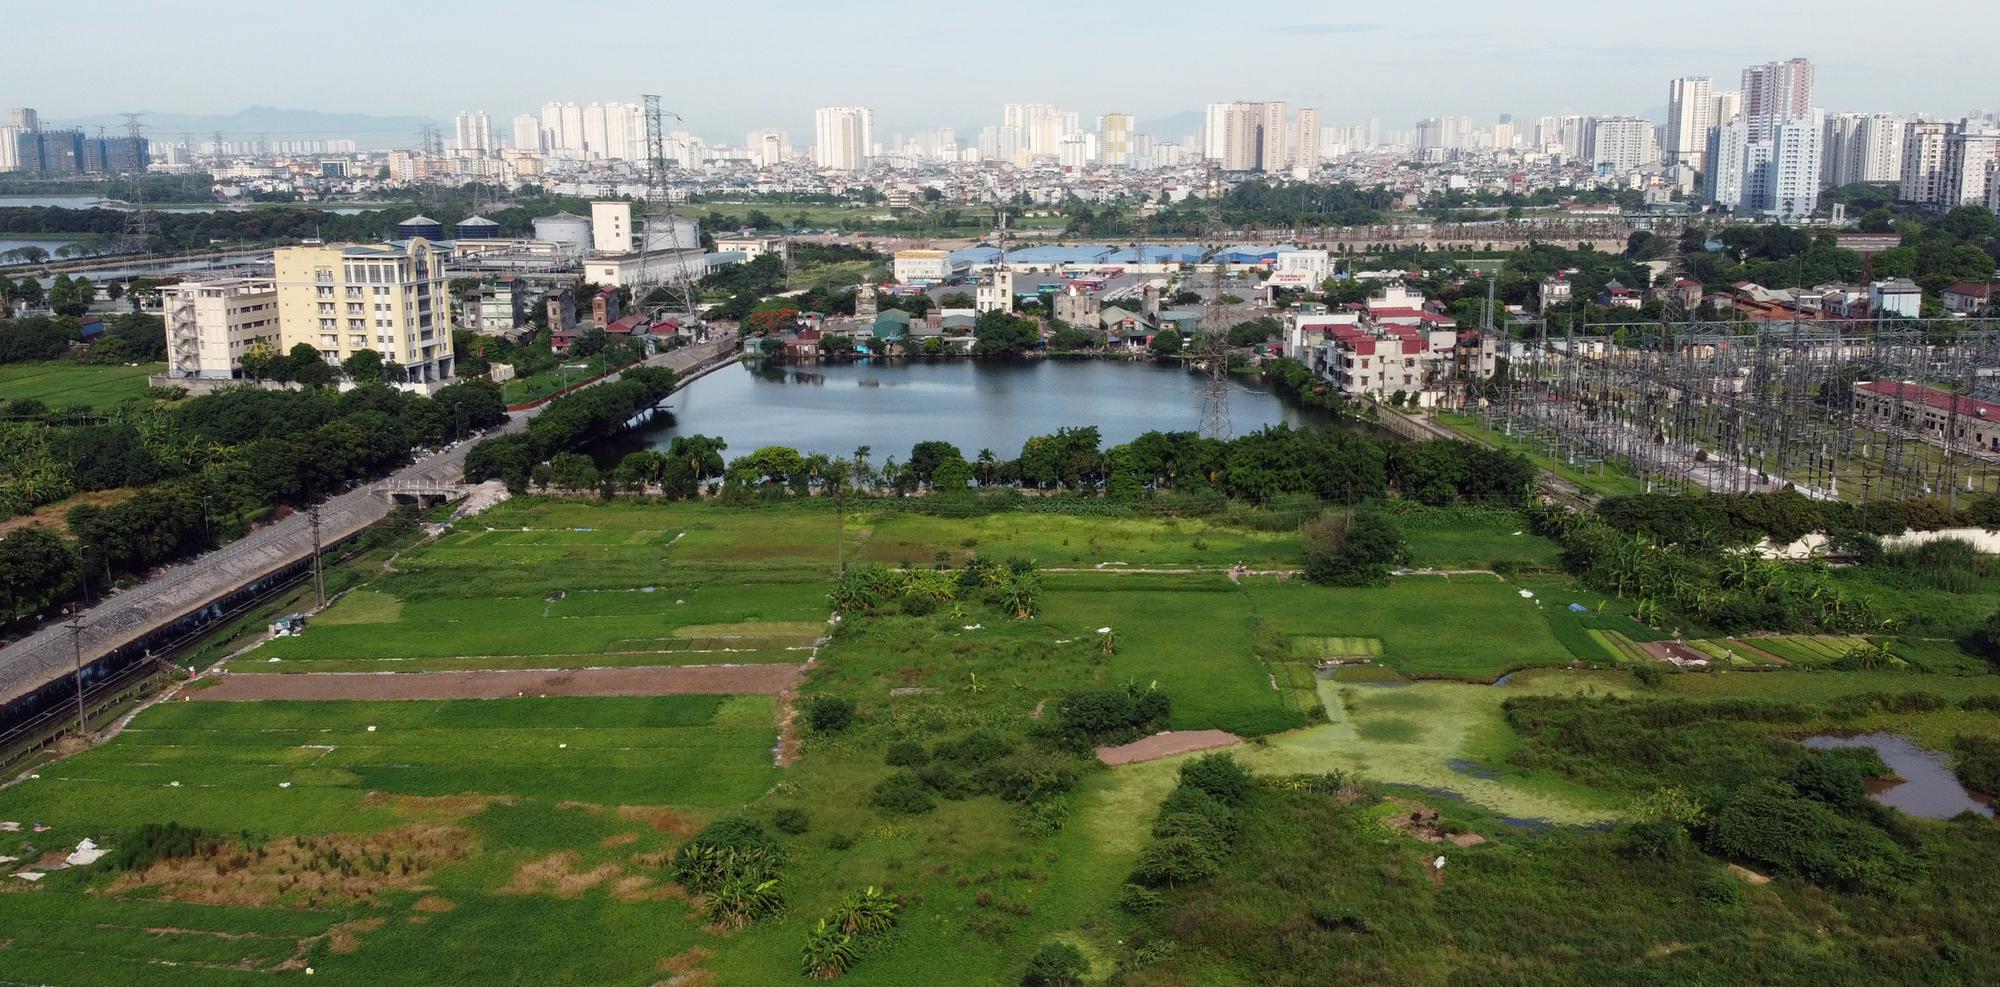 Những mảnh đất sẽ được đào hồ lớn theo qui hoạch ở quận Hoàng Mai - Ảnh 6.